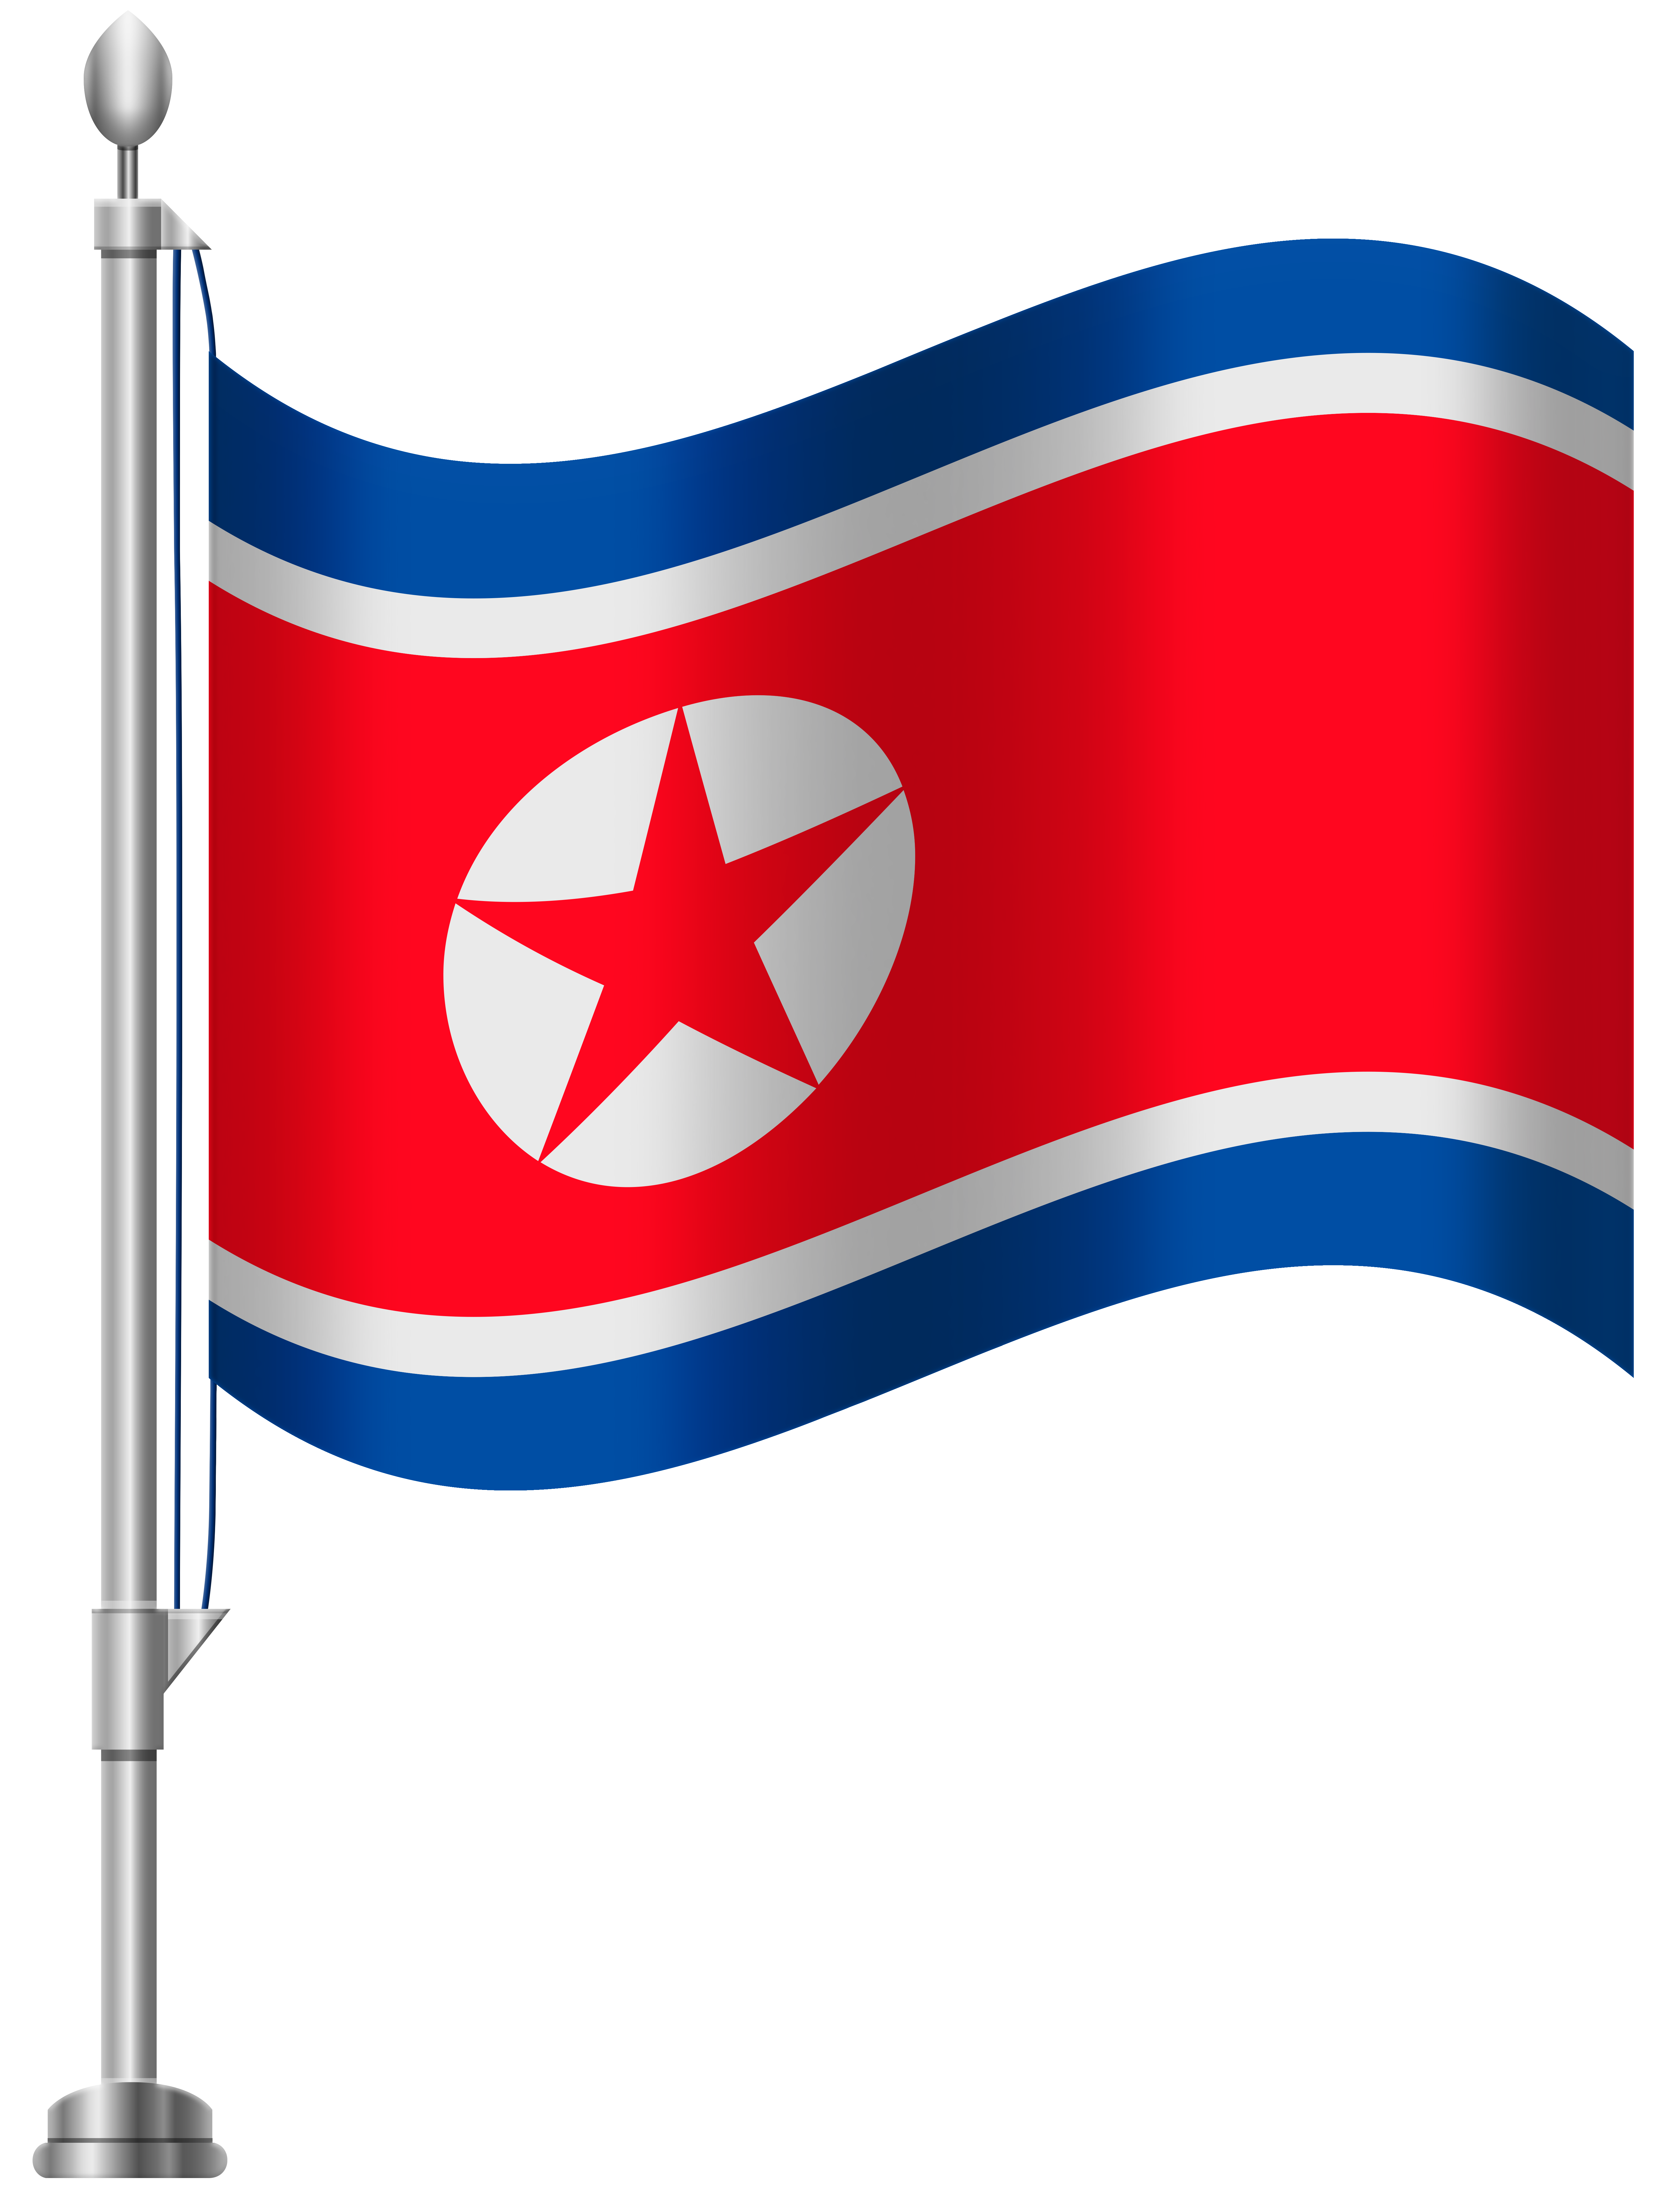 6141x8000 North Korea Flag Png Clip Art